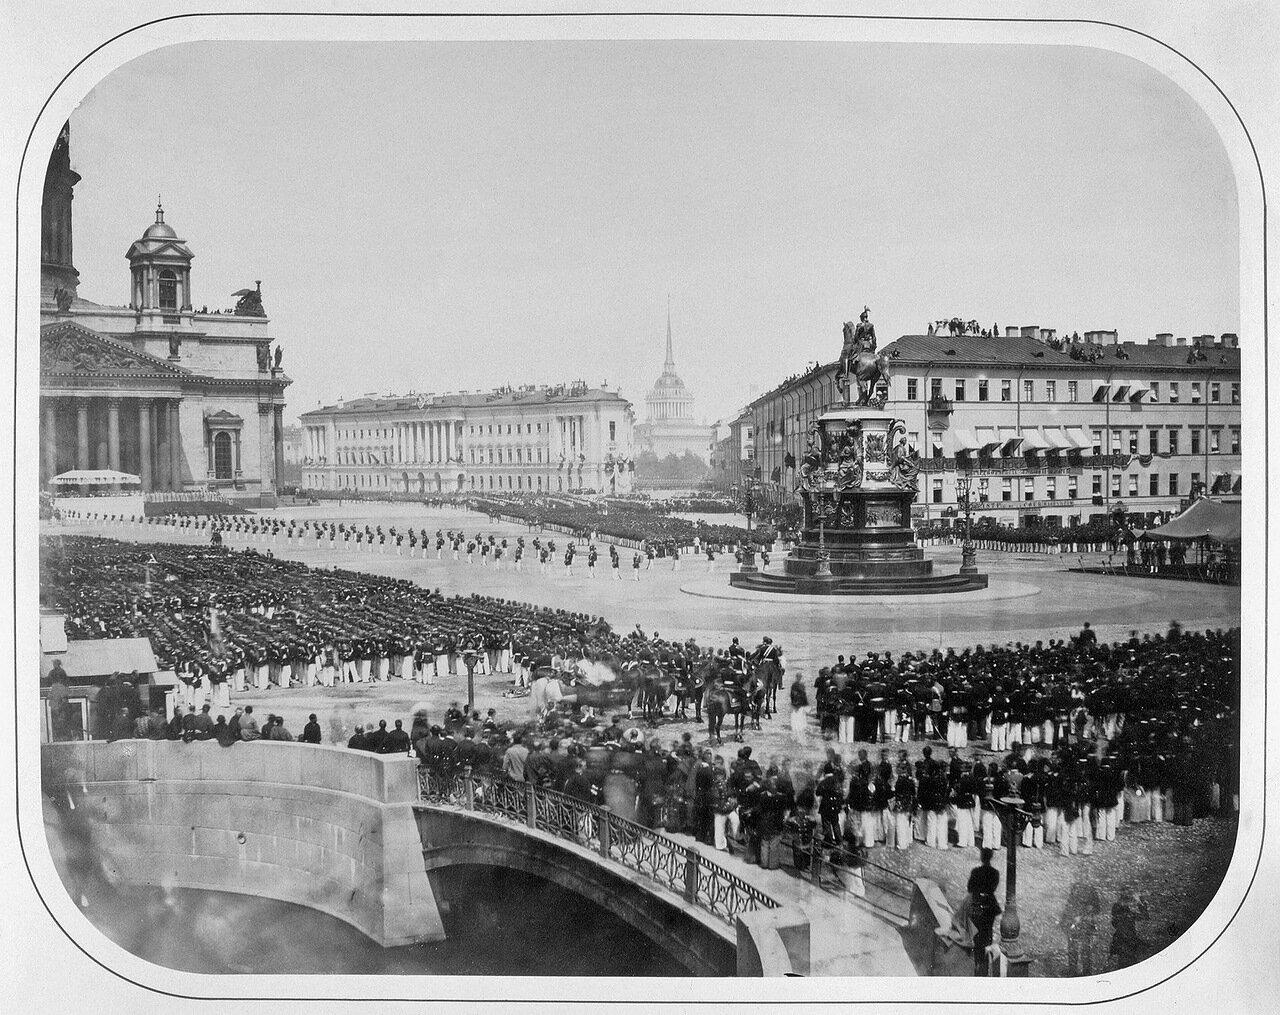 Открытие памятника императору Николаю I на Исаакиевской площади. 1859